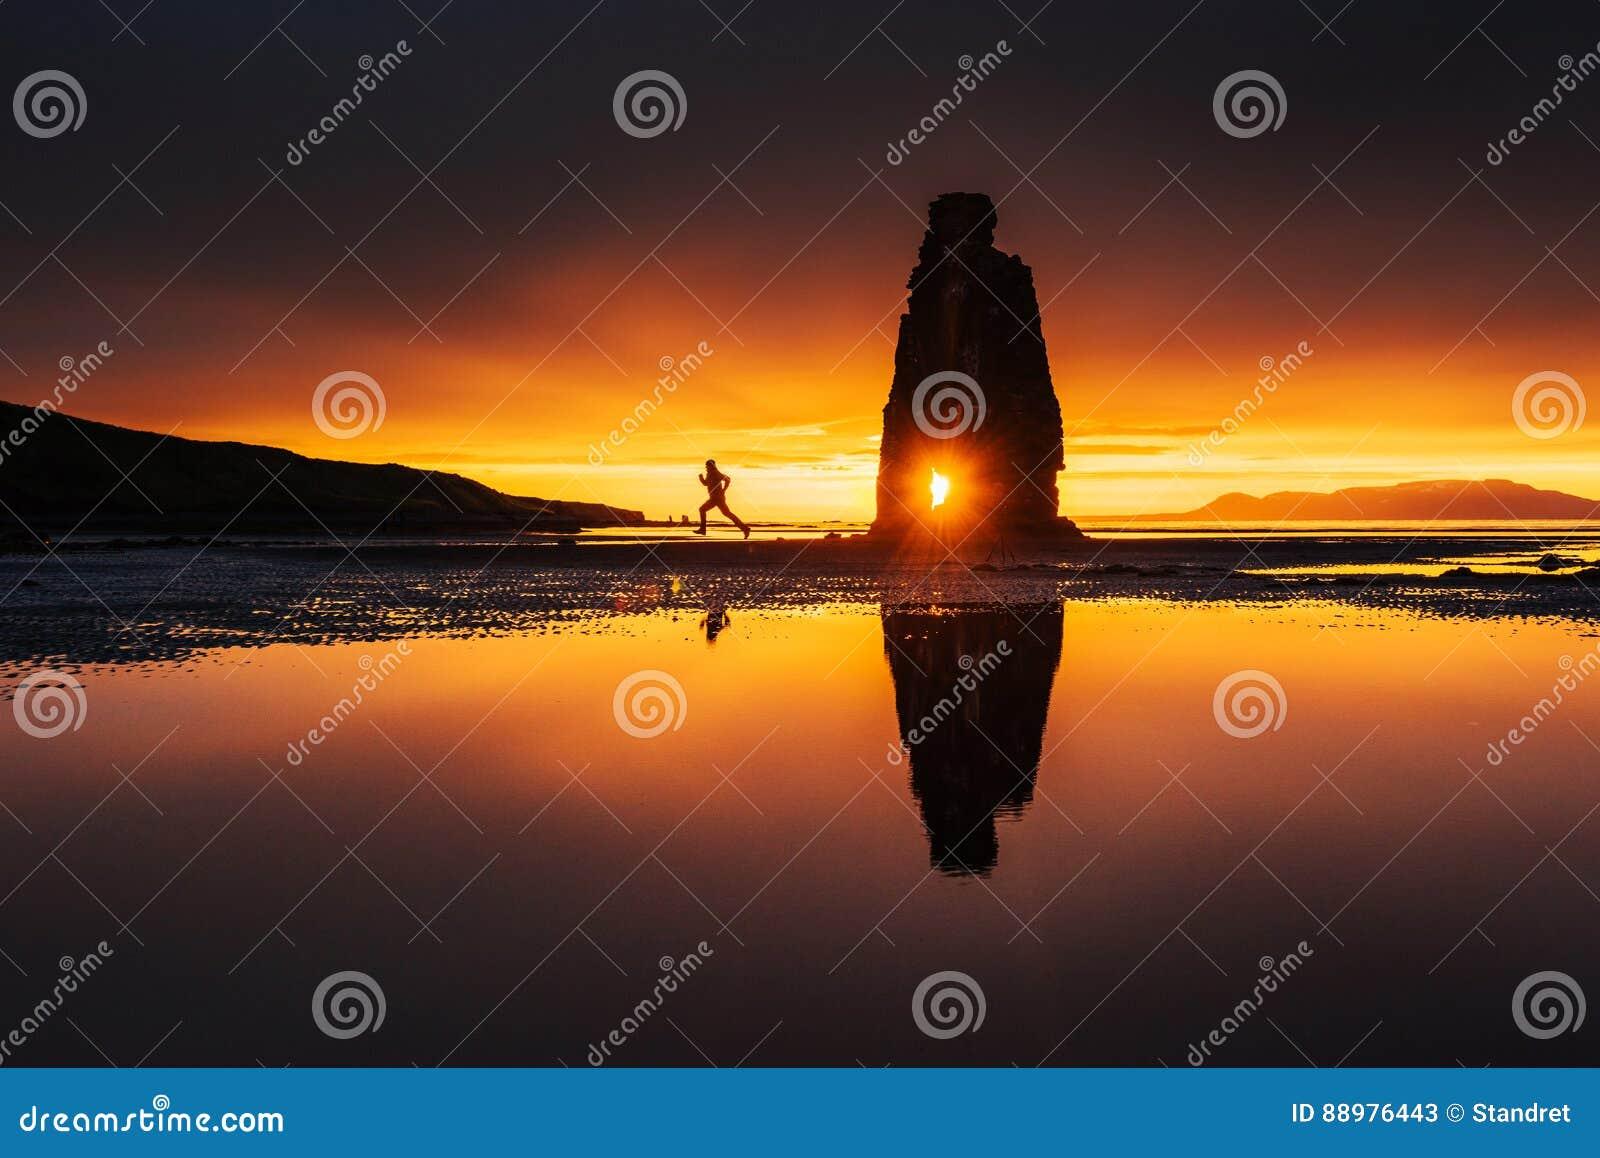 Hvitserkur 15 m高度 是一个壮观的岩石在冰岛的北海岸的海 这张照片在水中反射在船尾